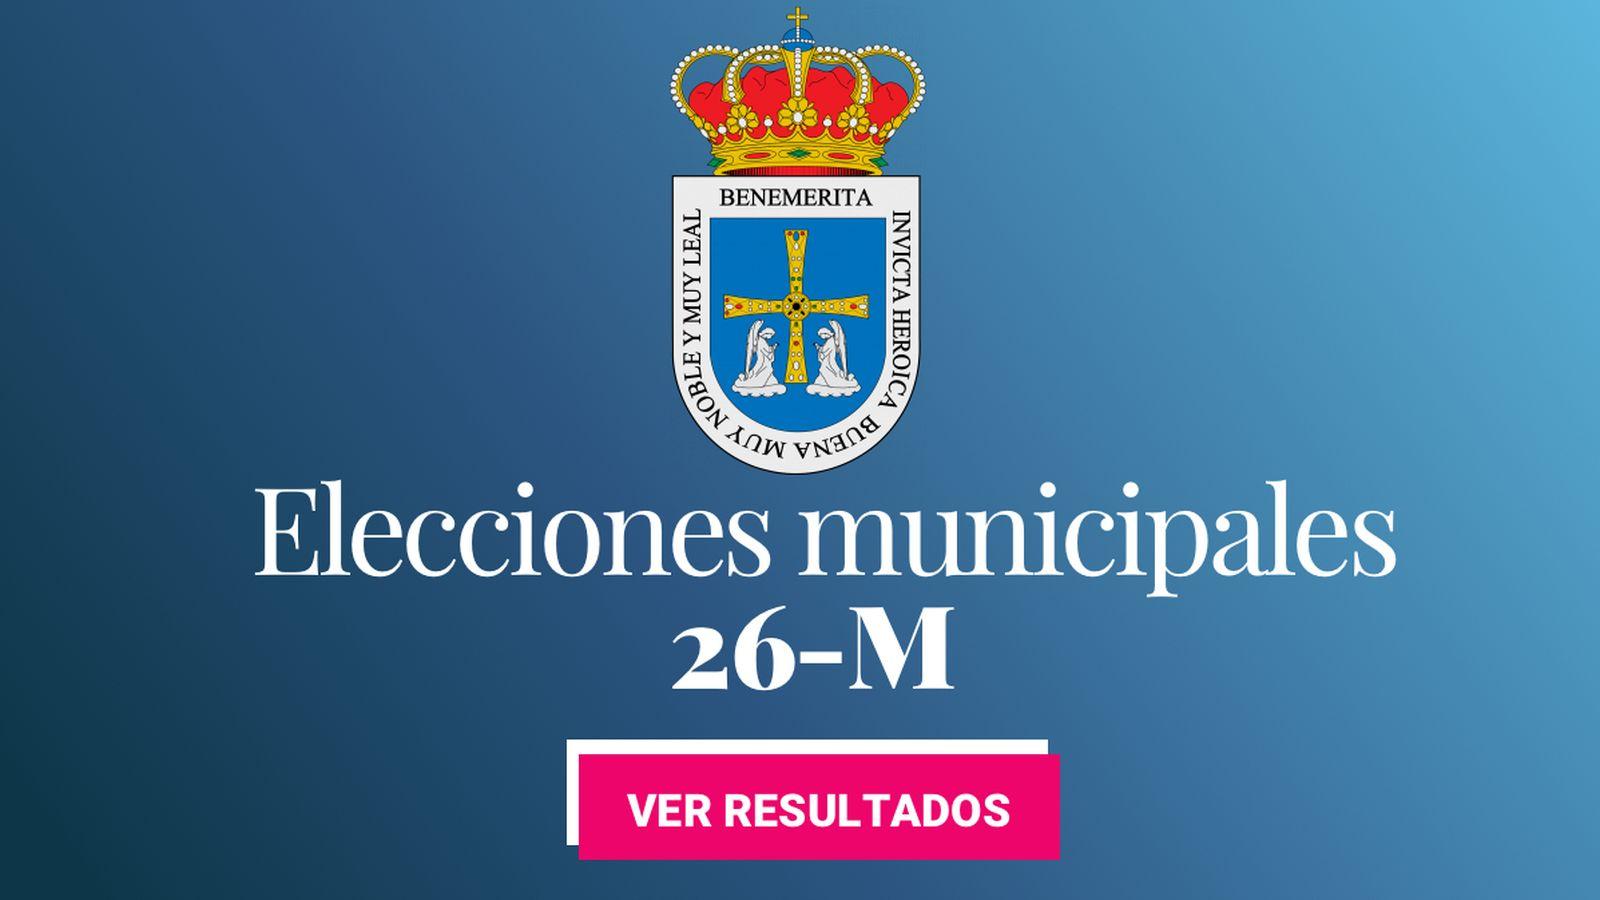 Foto: Elecciones municipales 2019 en Oviedo. (C.C./EC)